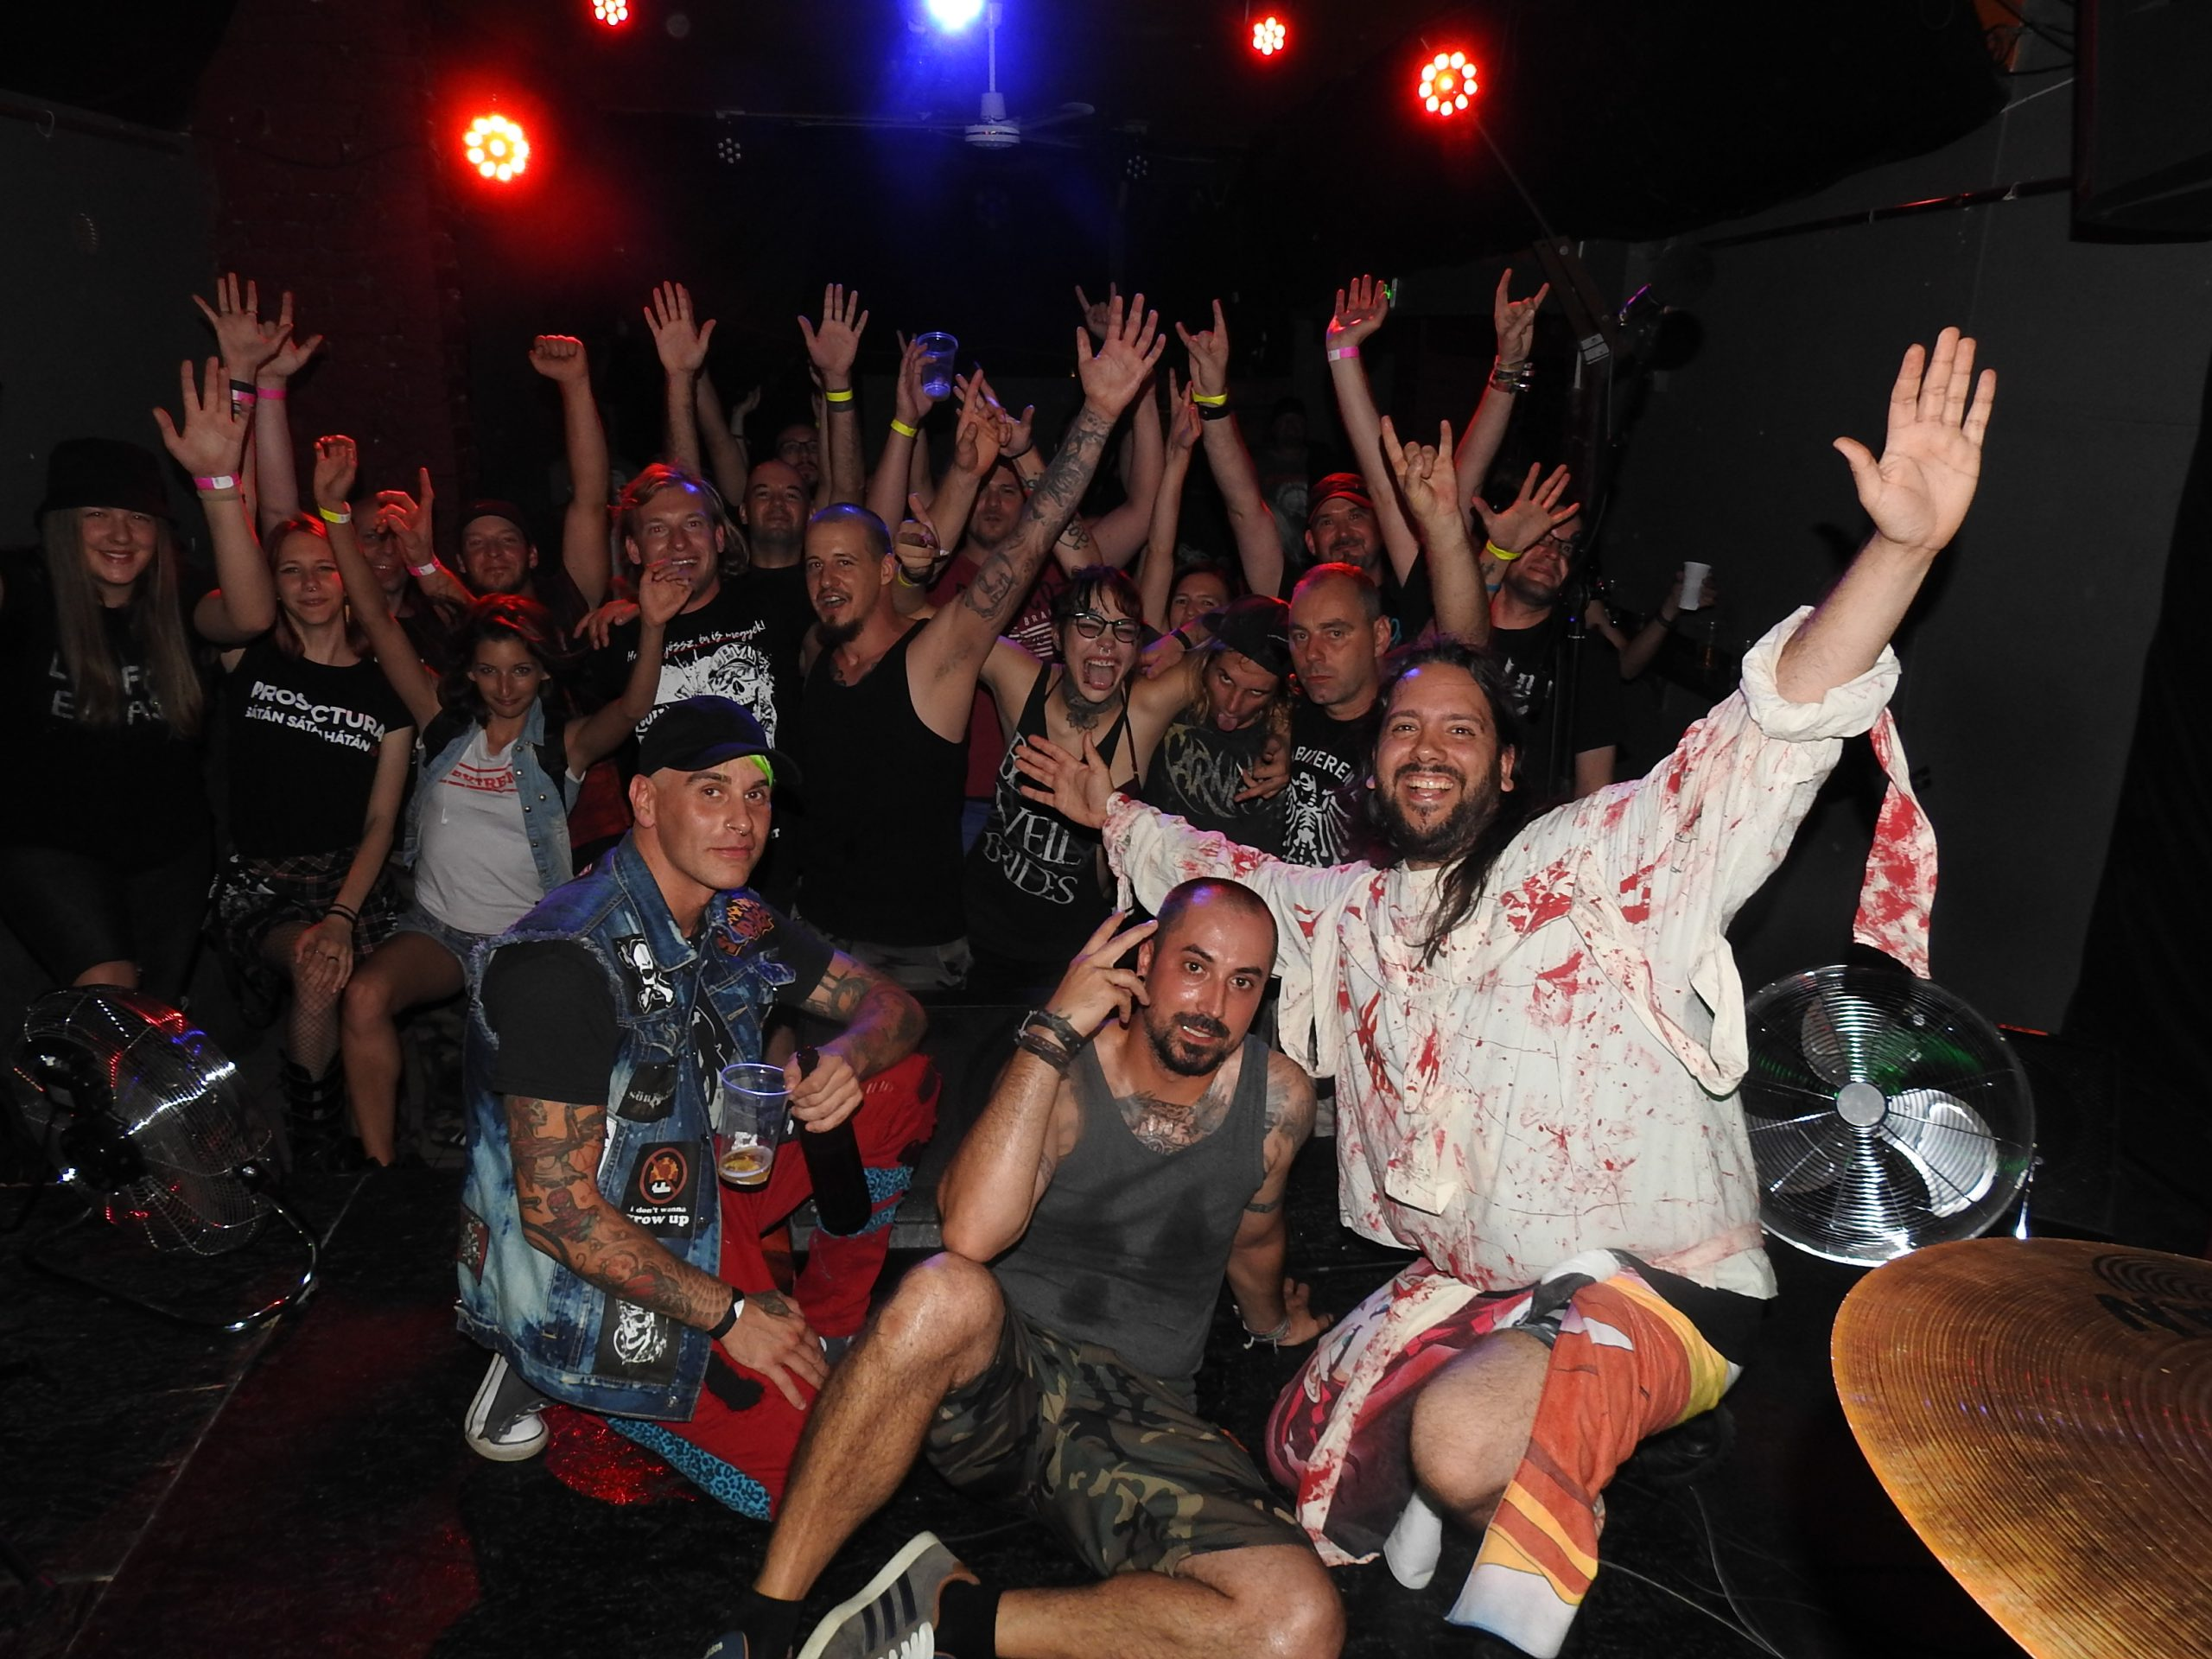 Söralátét 2020.09.12. S8 Underground Club Pukn Kulturális Találkozó közönségkép